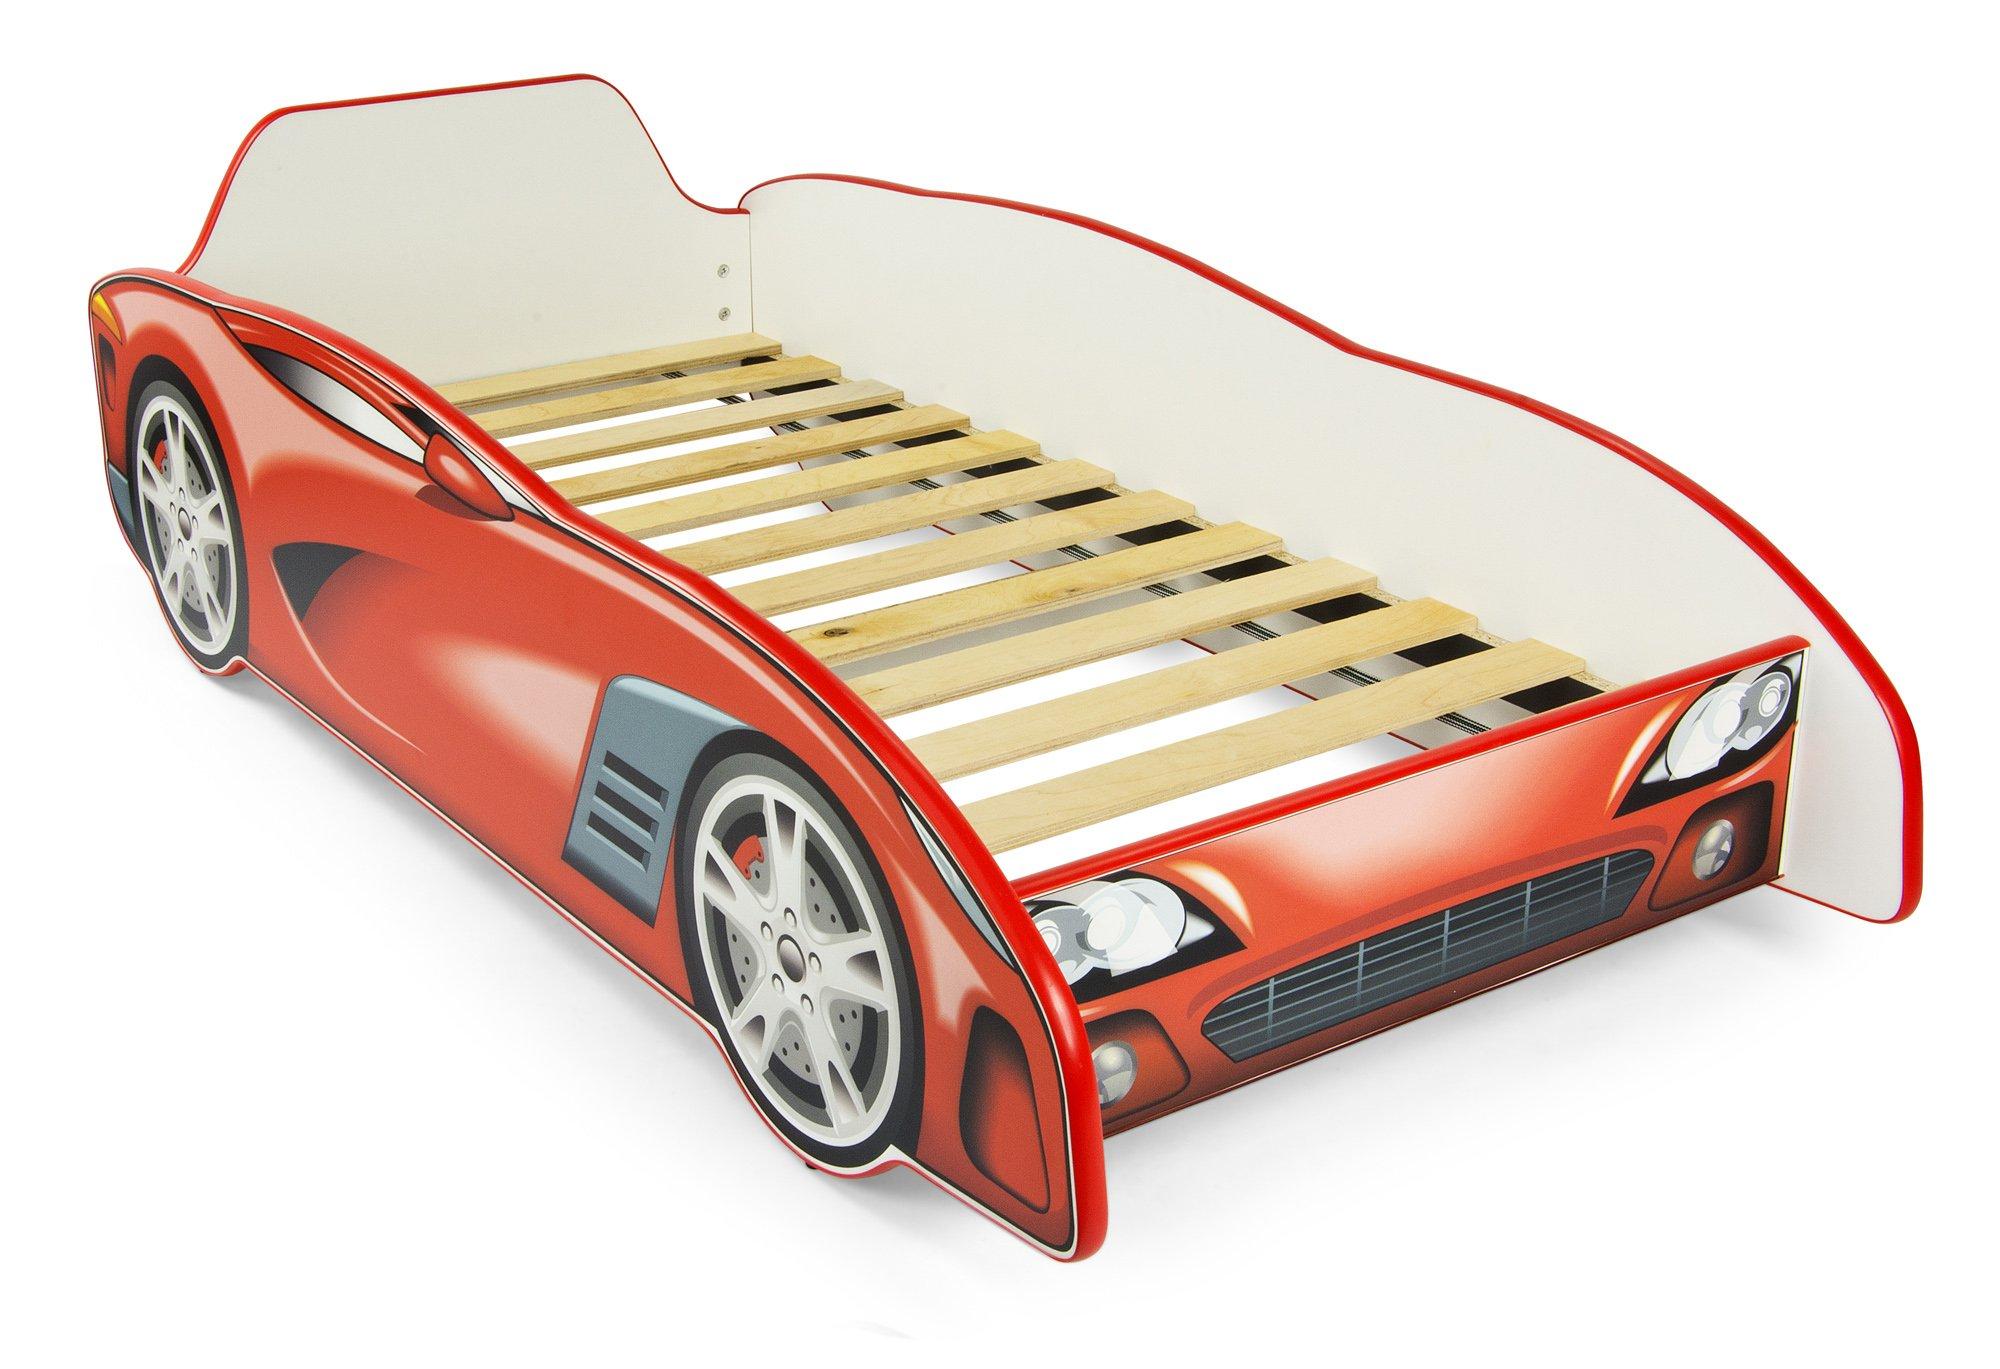 Letti Per Bambini A Forma Di Automobile.Letto Letti Per Bambini In Legno Materasso Dimensioni 140x70 Sport